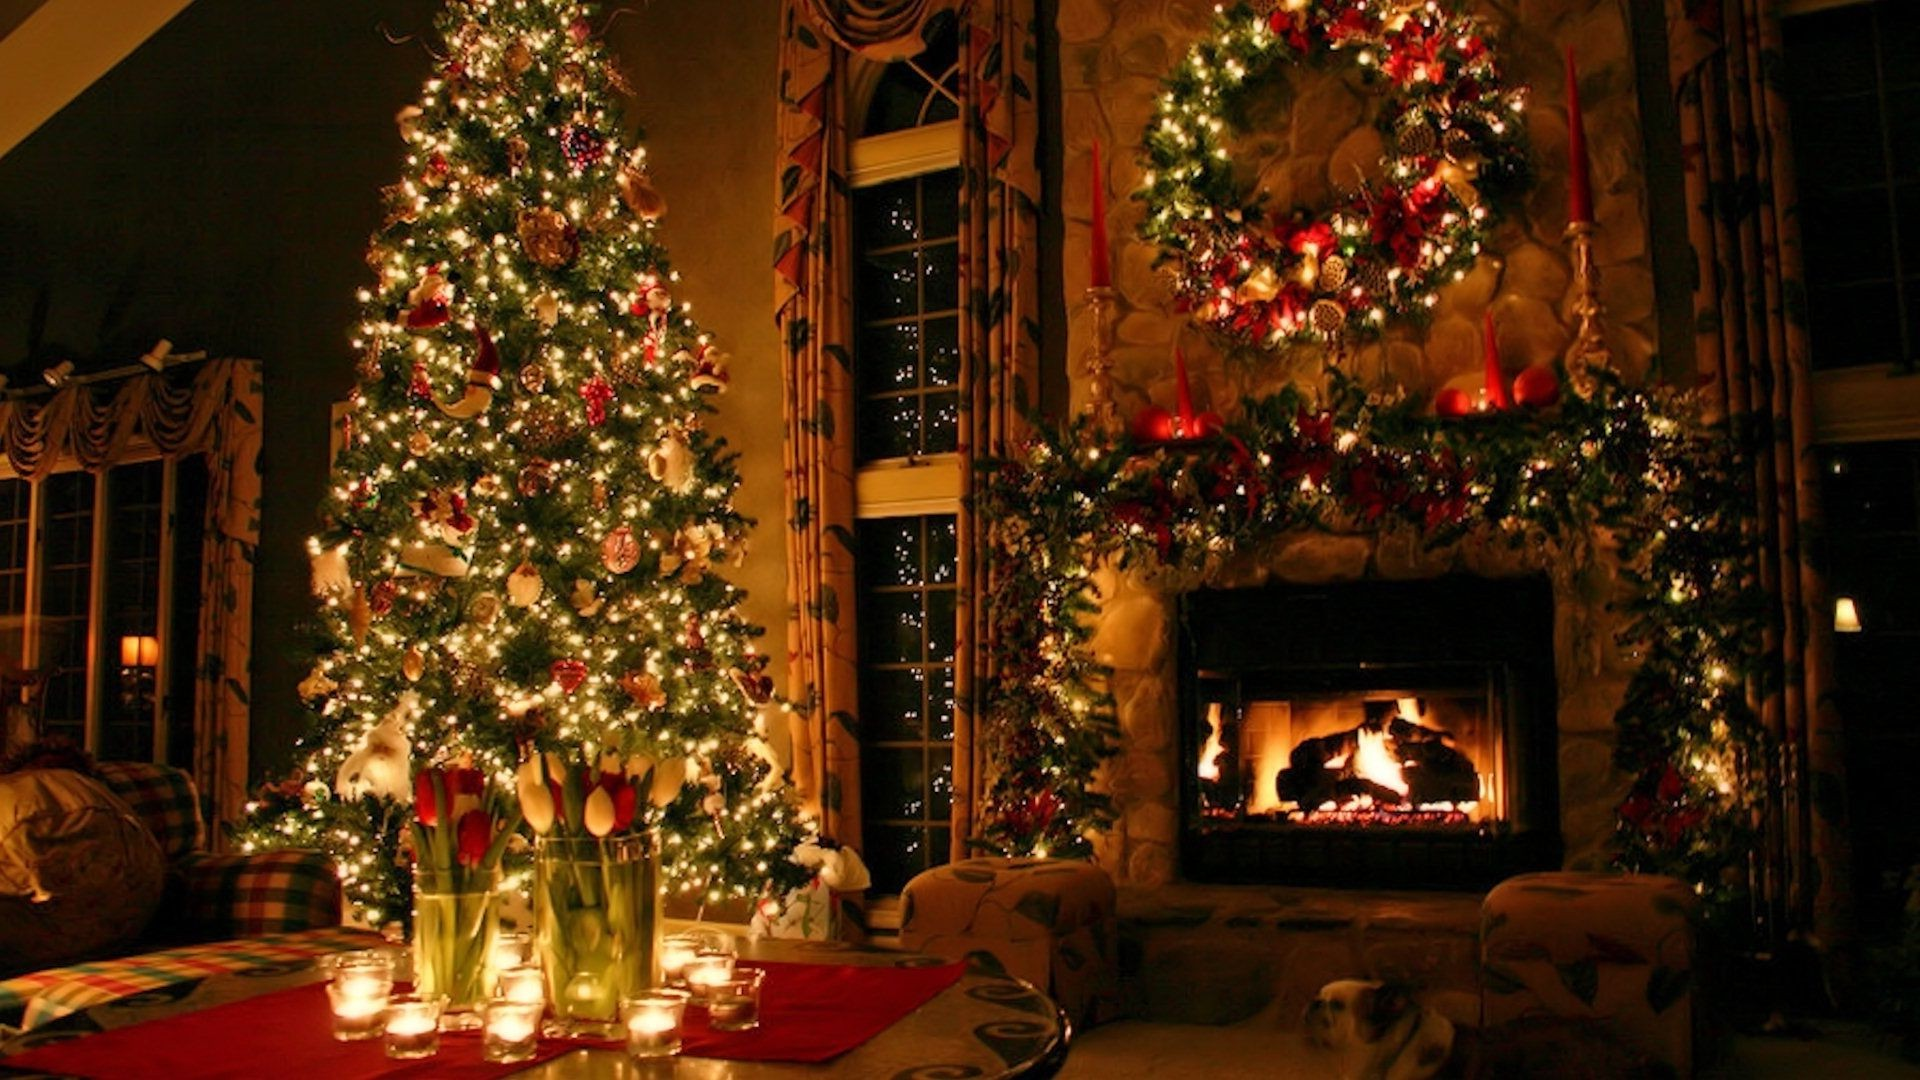 рождество новый год Christmas new year  № 2656572 без смс